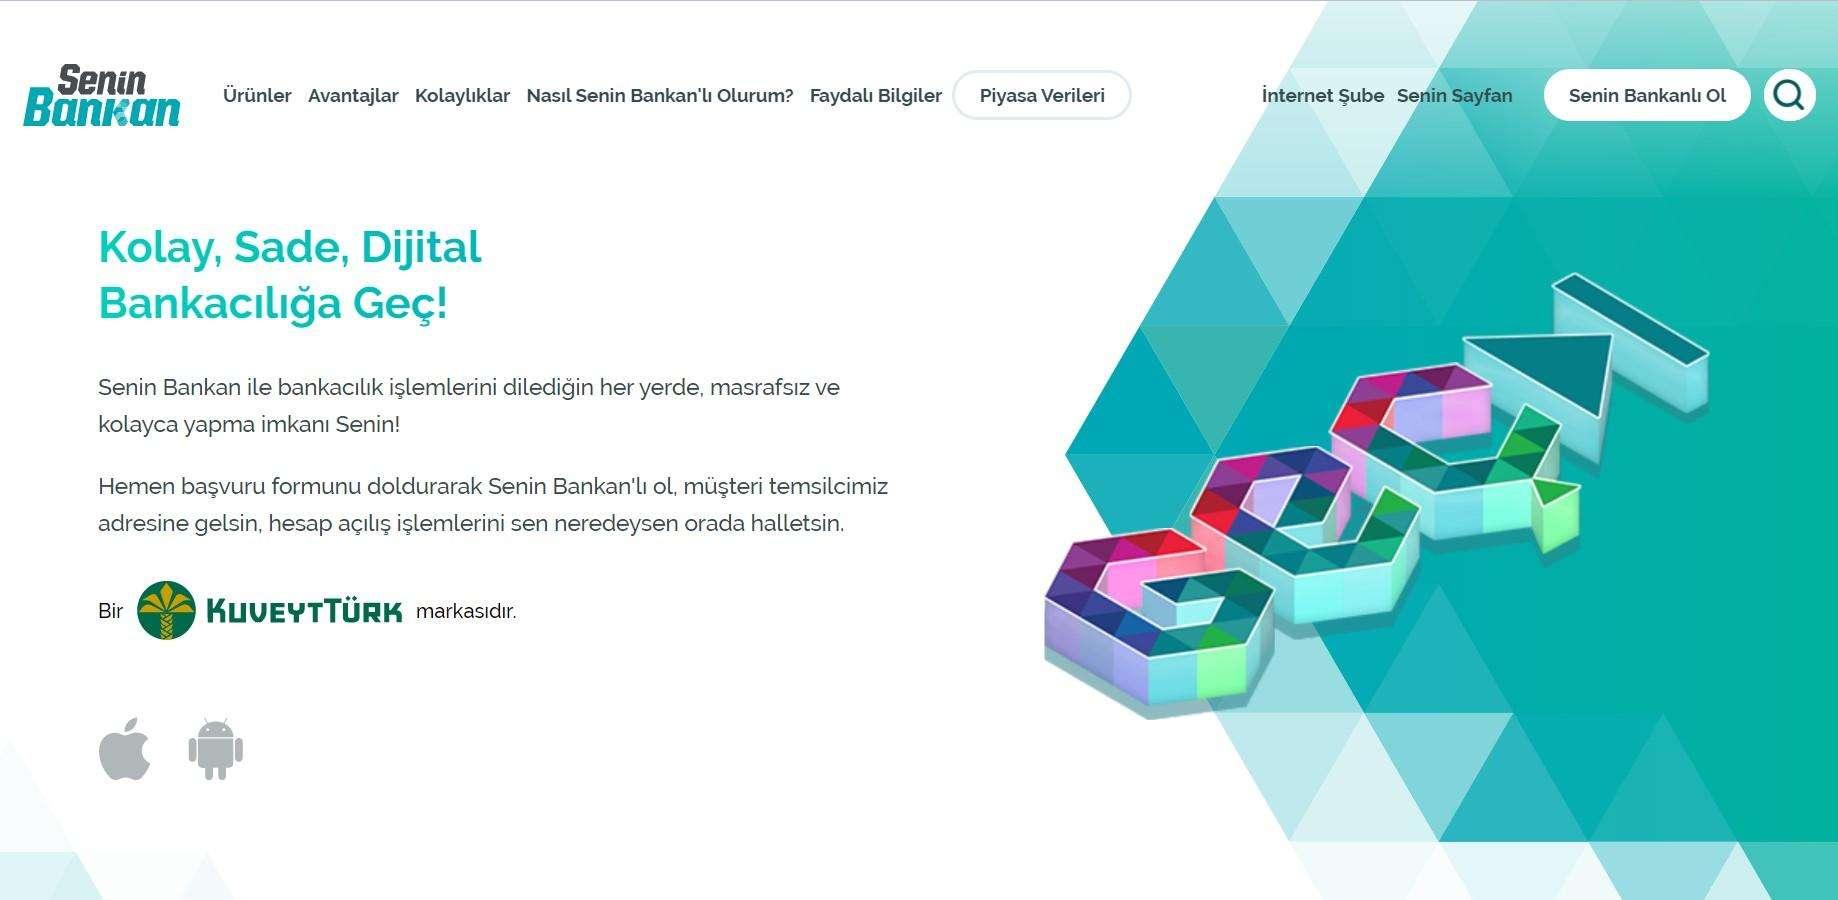 kuveyt türk internetten hesap açma